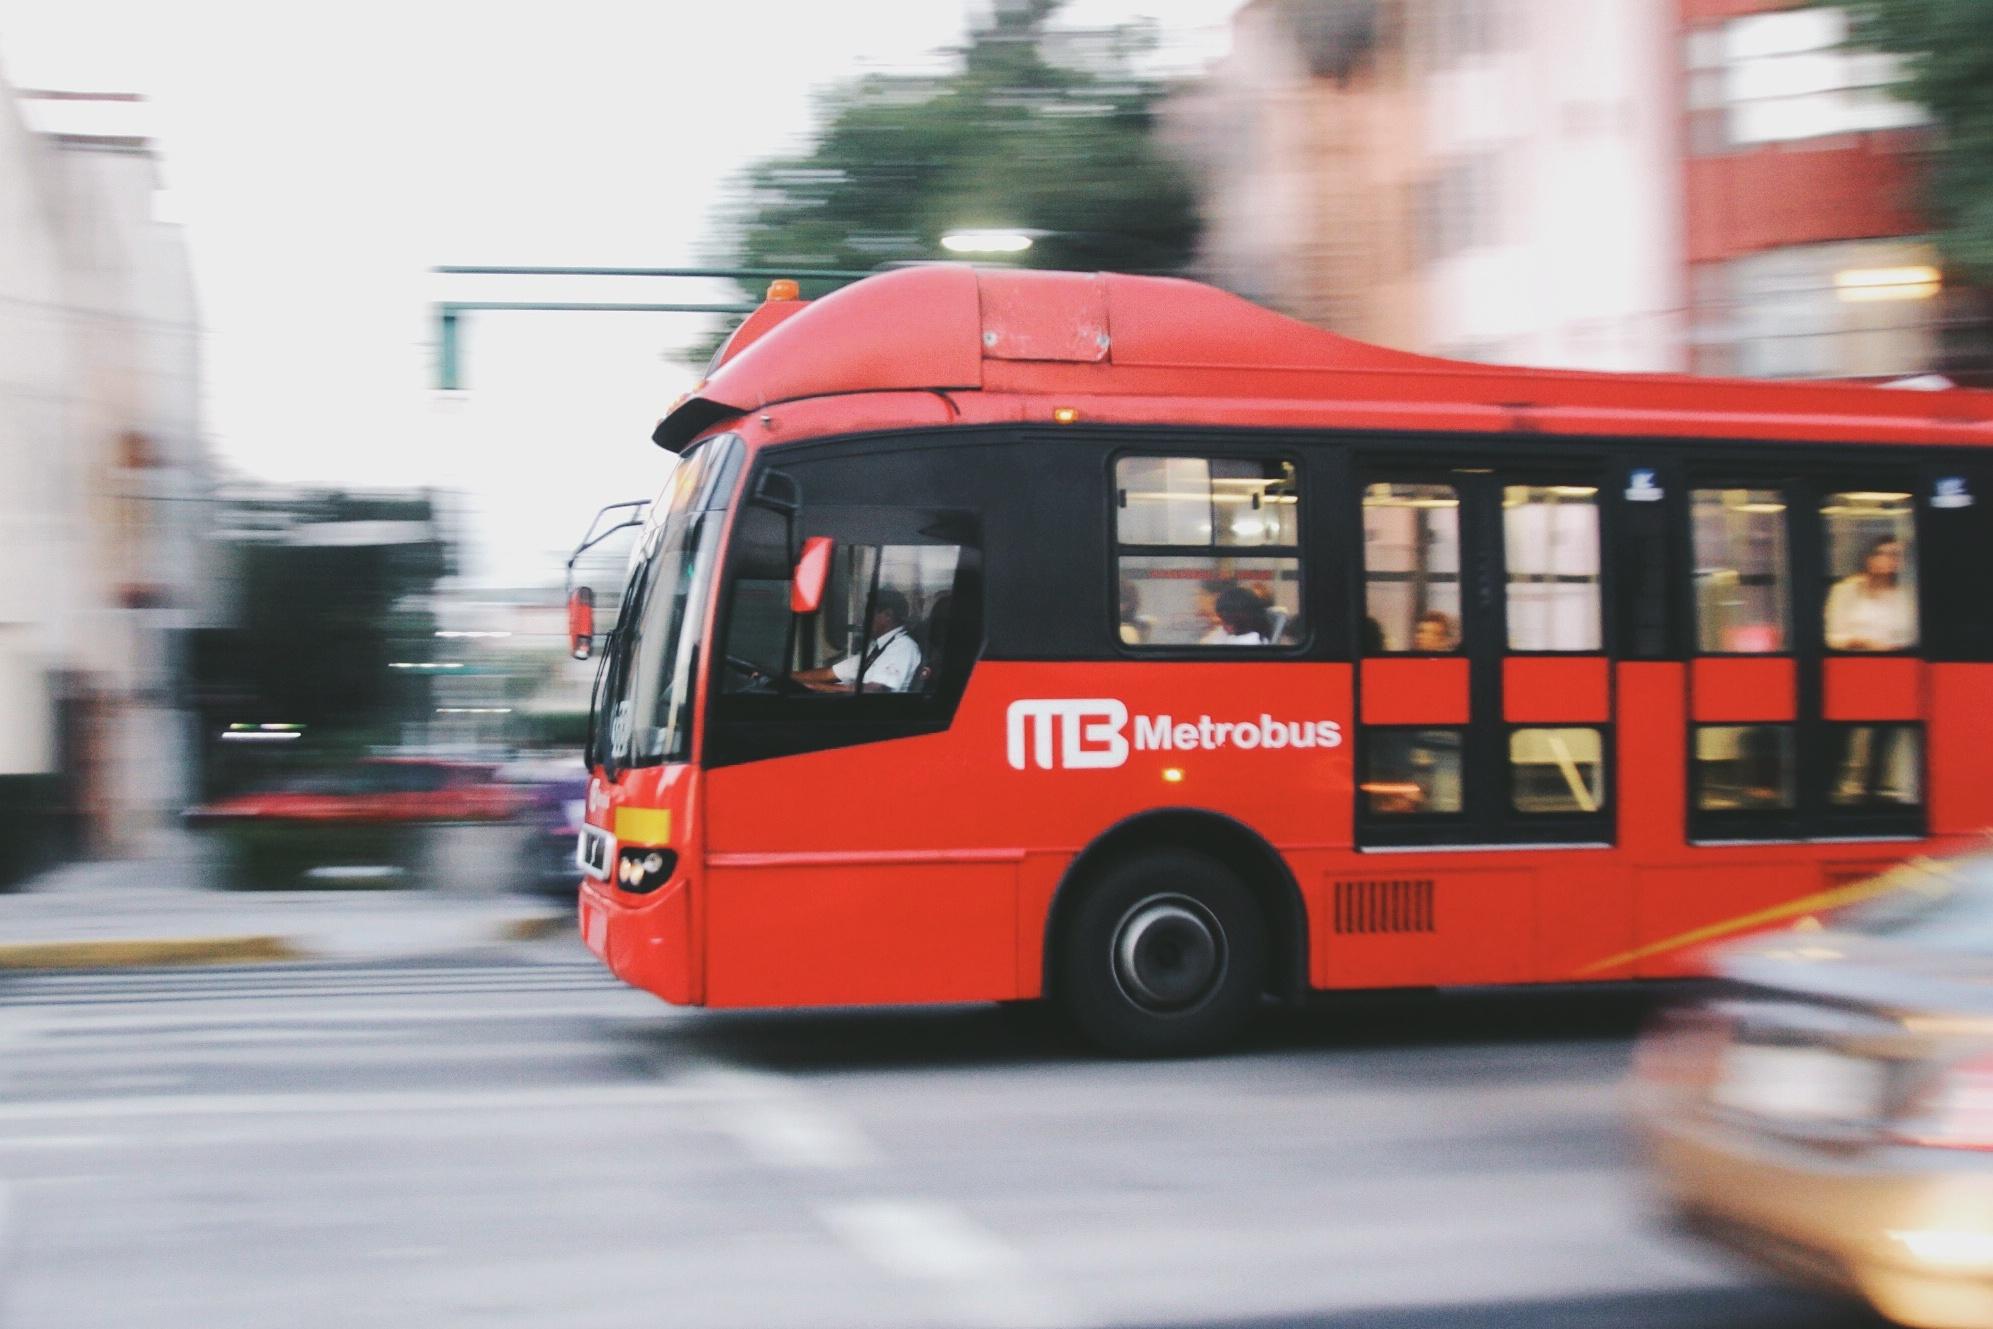 Metrobus Cancun-Tulum